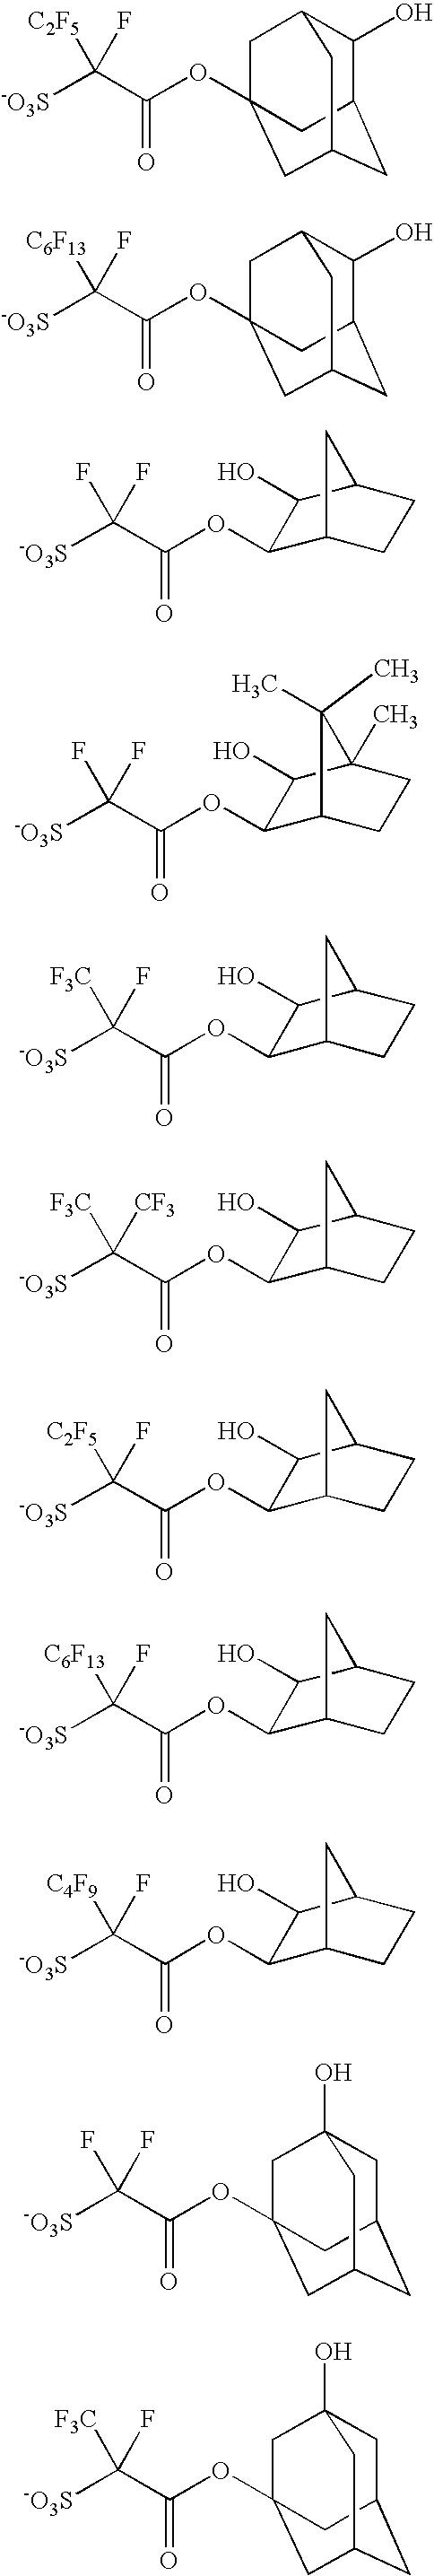 Figure US20100323296A1-20101223-C00091